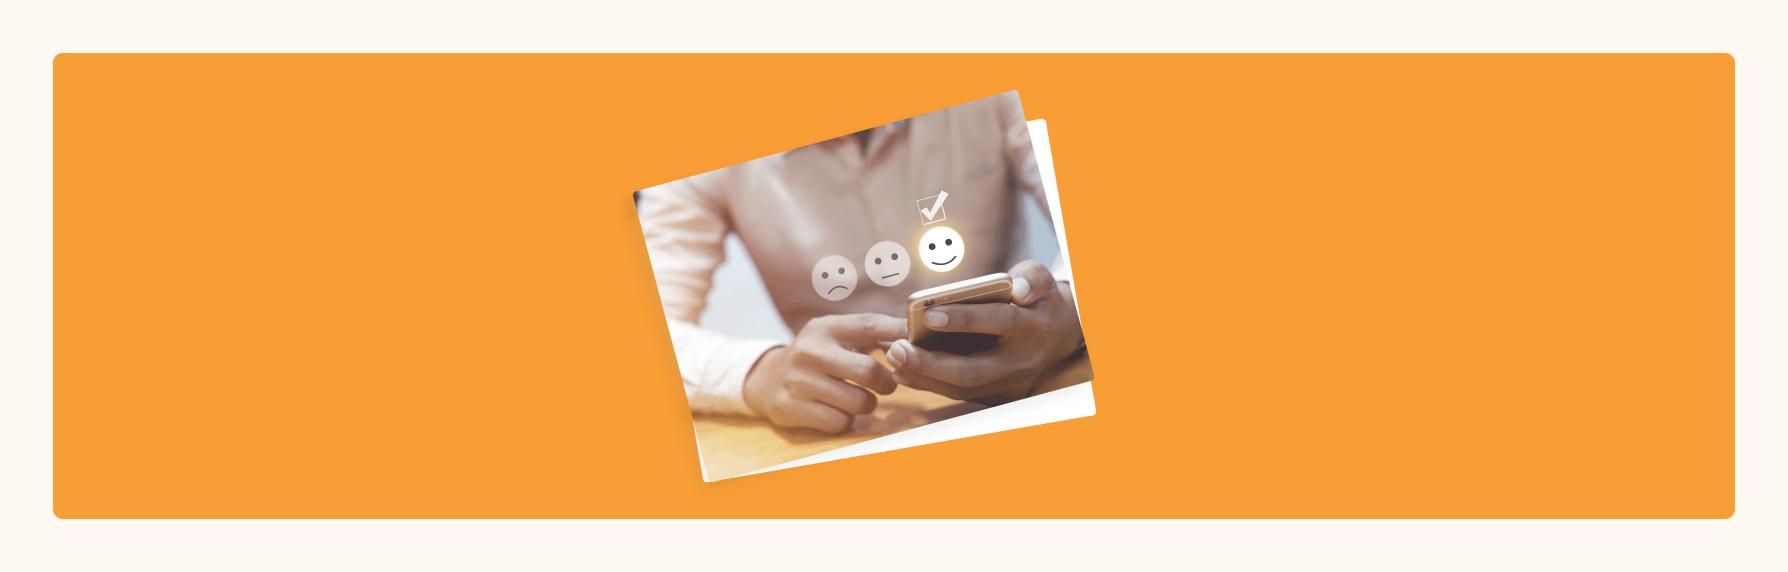 Wissen was Kunden wollen: Kundenbedürfnisse erkennen